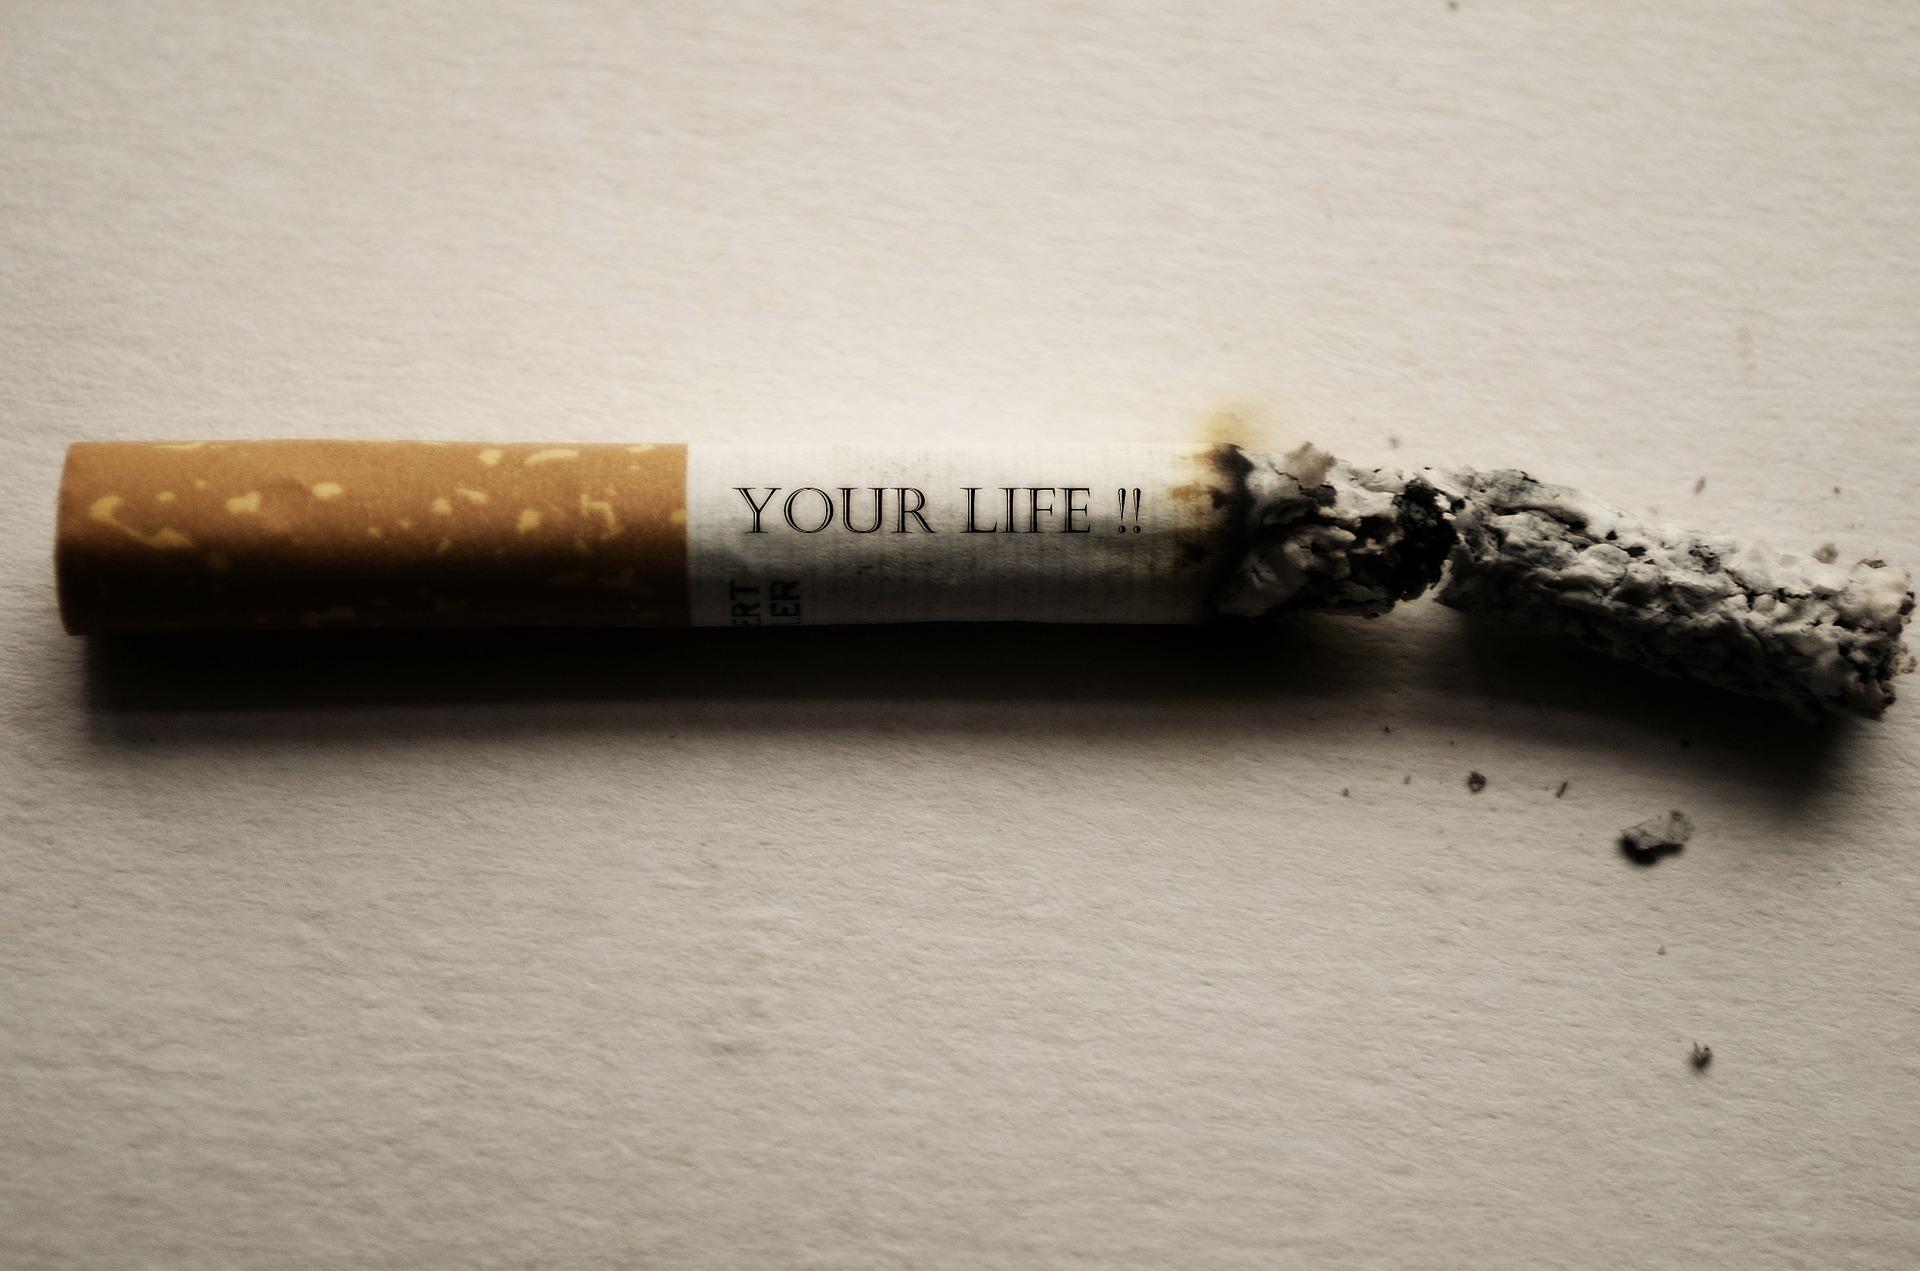 前の車からタバコが投げ捨てられたときの話【我慢できますか】